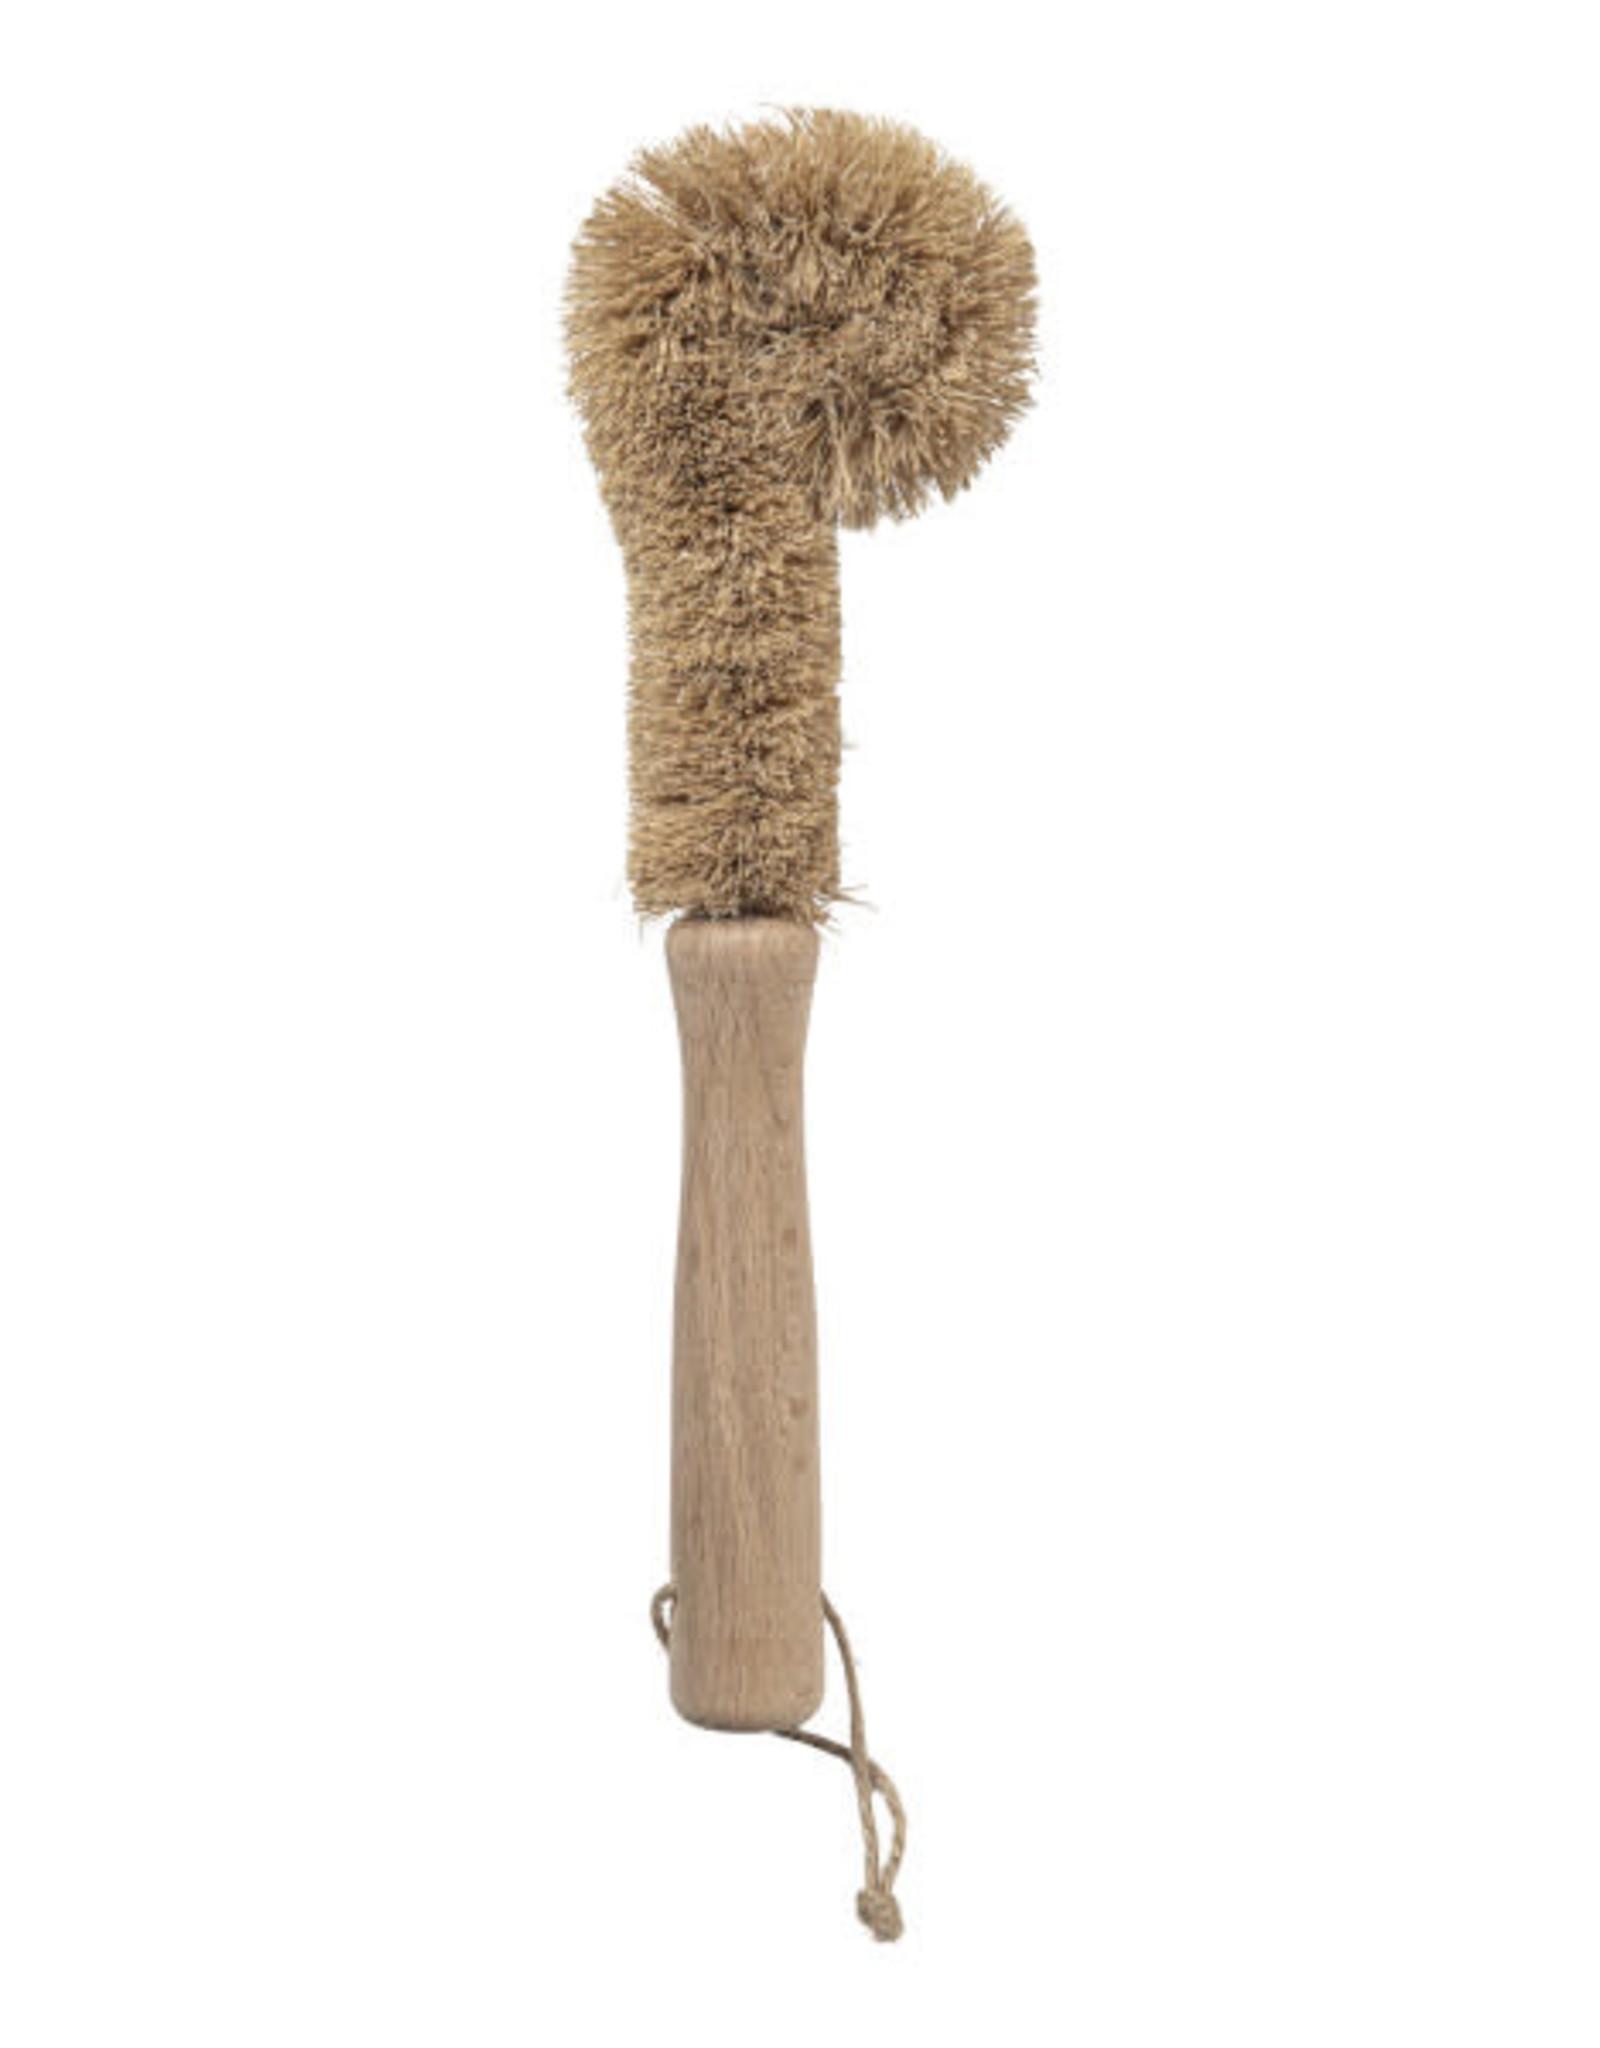 Wellmark Afwasborstel Cup van hout & kokosvezel